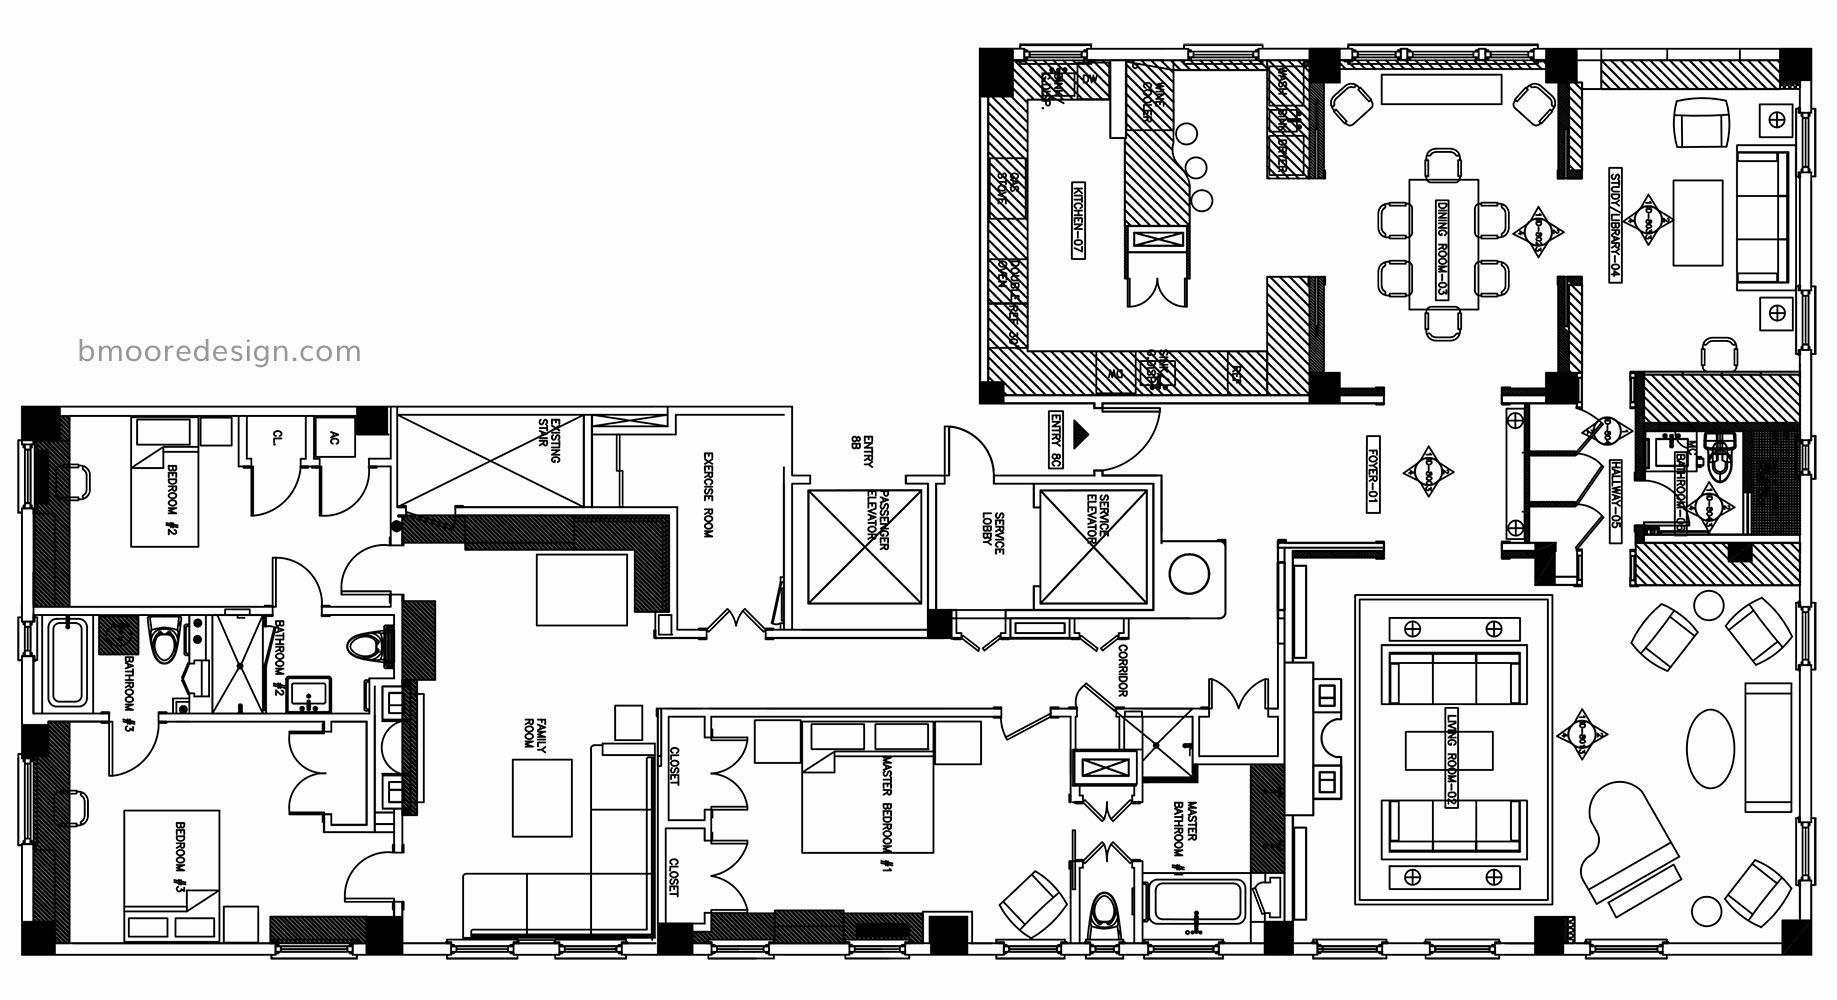 interior design nyc b moore design inc portfolio r1 02 b moore interior design upper east